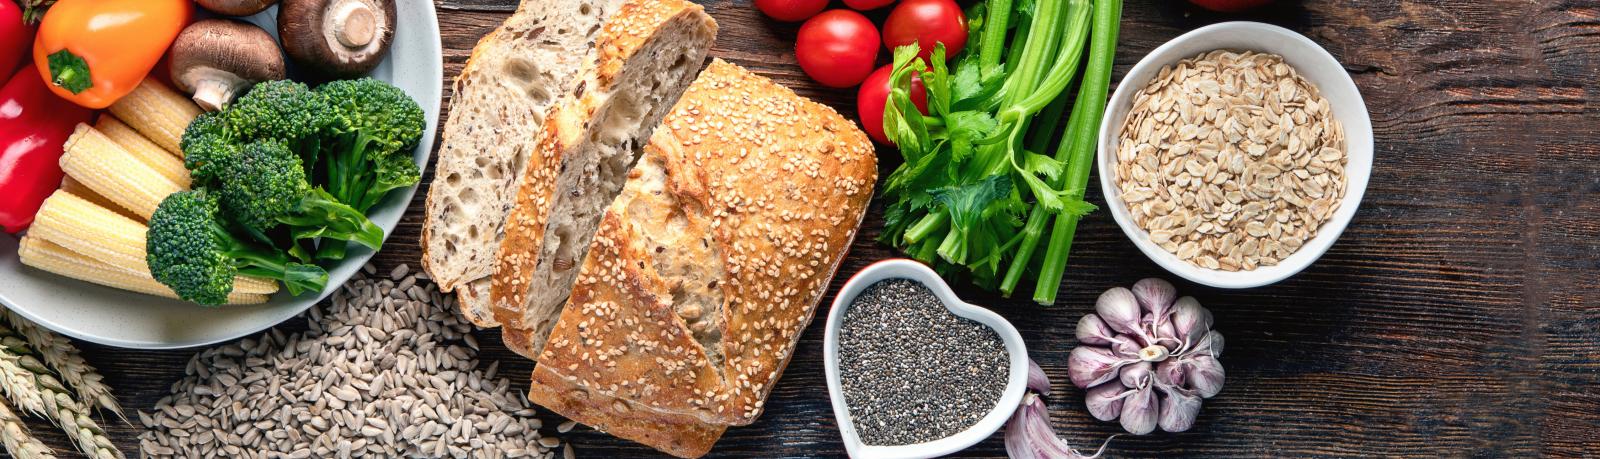 Variété d'aliments riches en fibres